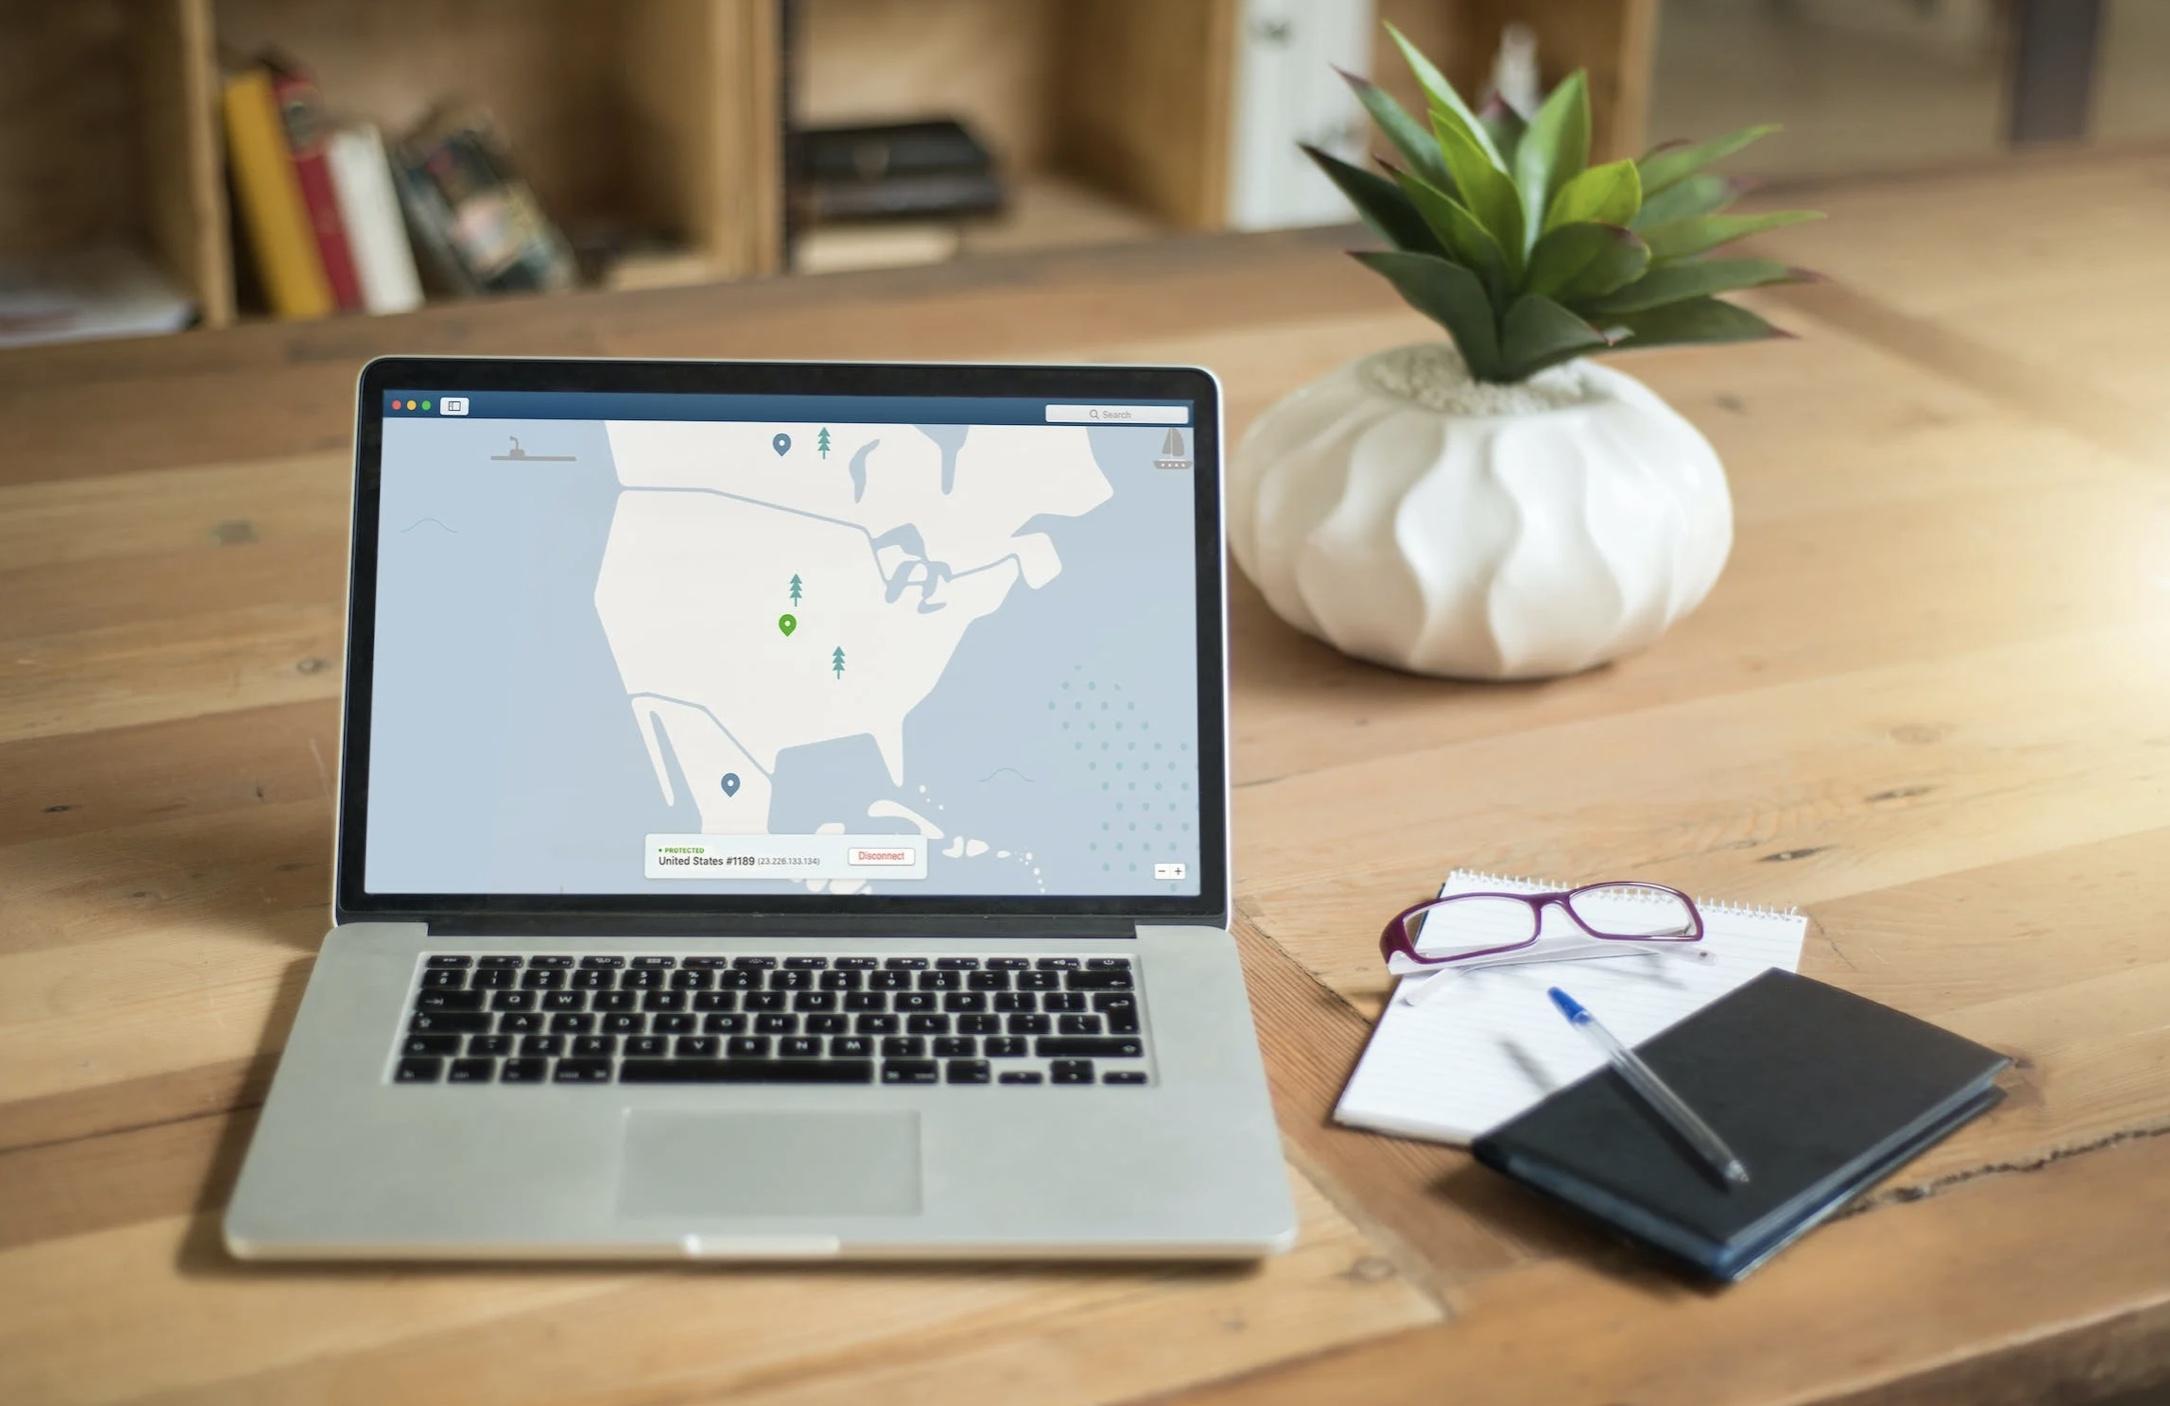 GDPR, Mettere In Regola Il Tuo Sito Web Con Le Nuove Regole Sulla Privacy